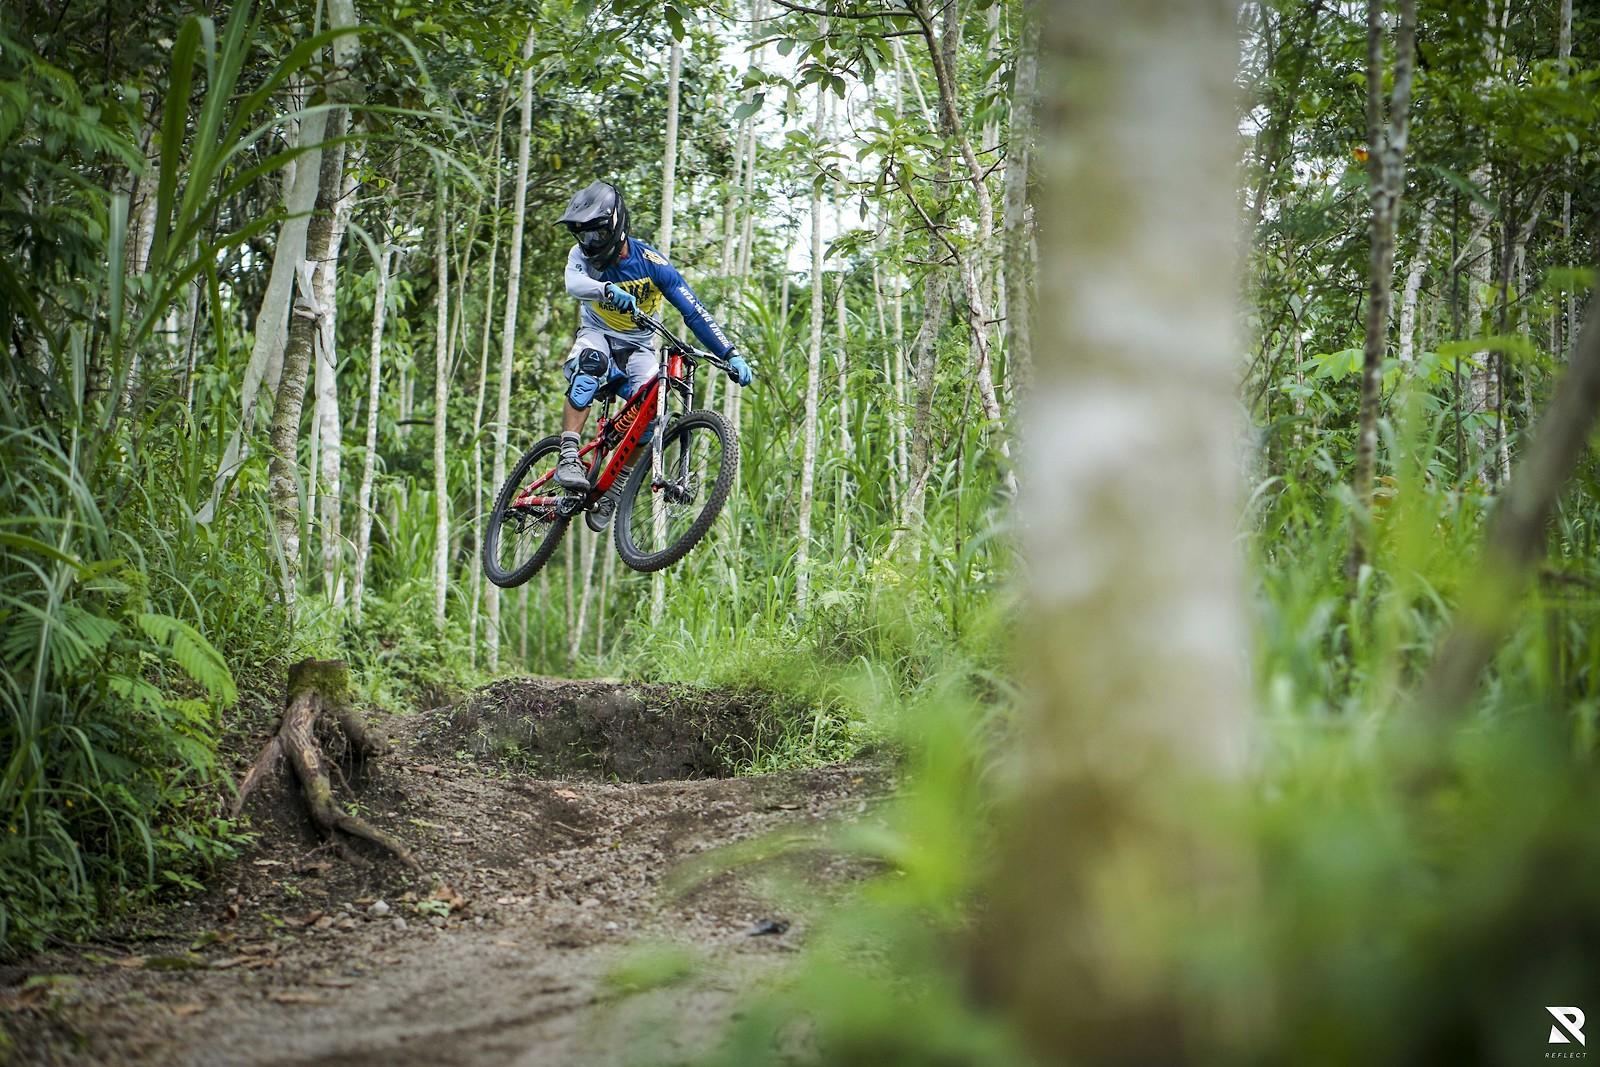 Whippy Monday - RezaAkhmad - Mountain Biking Pictures - Vital MTB